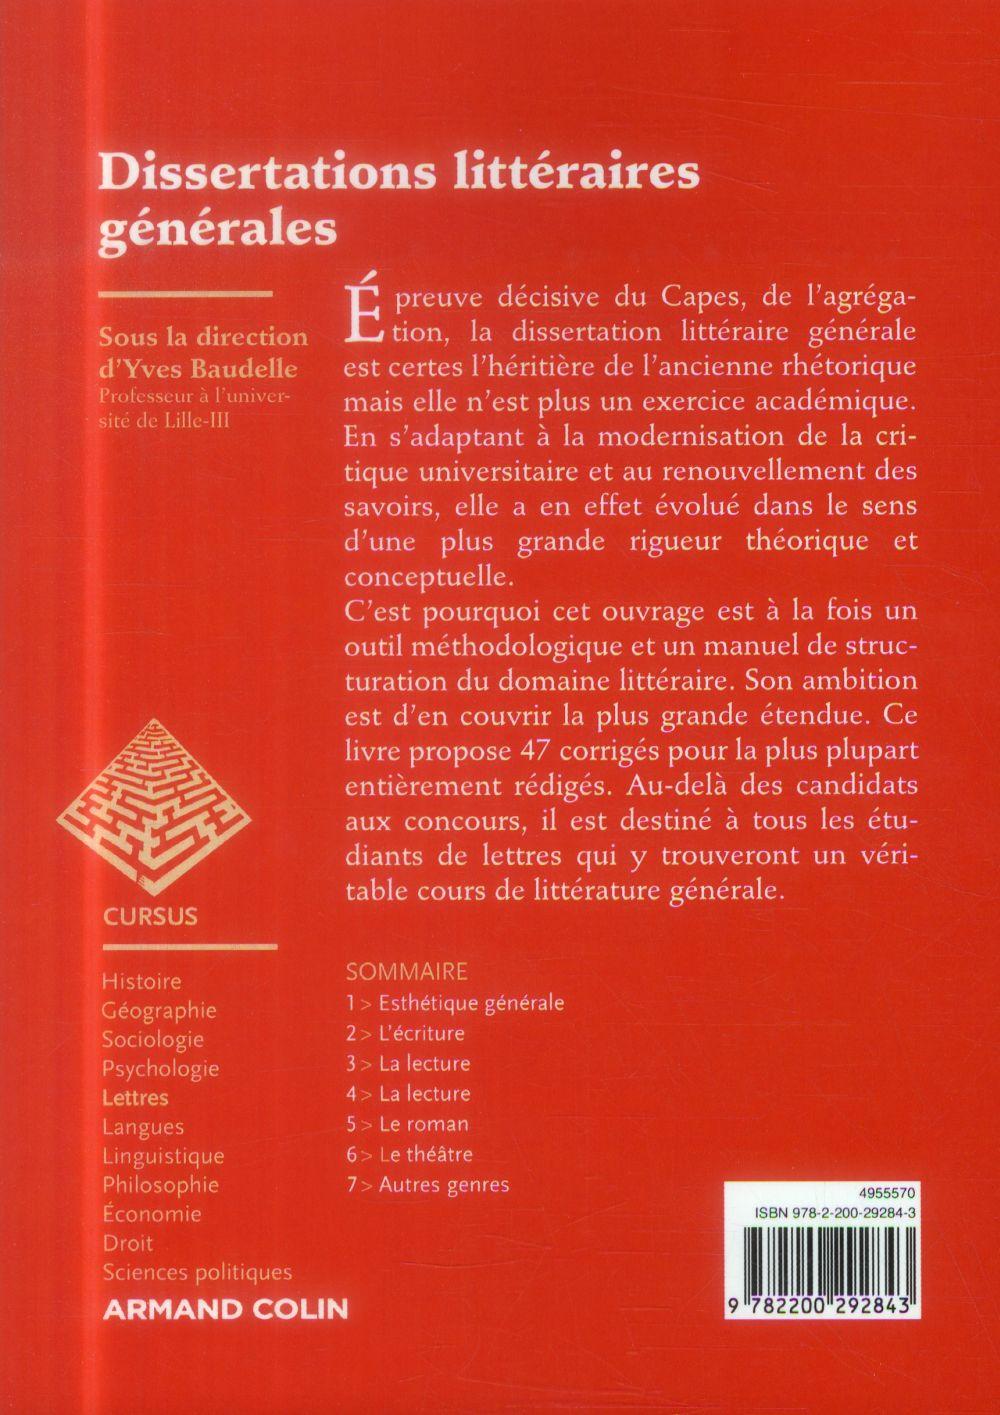 Dissertations littéraires générales (4e édition)